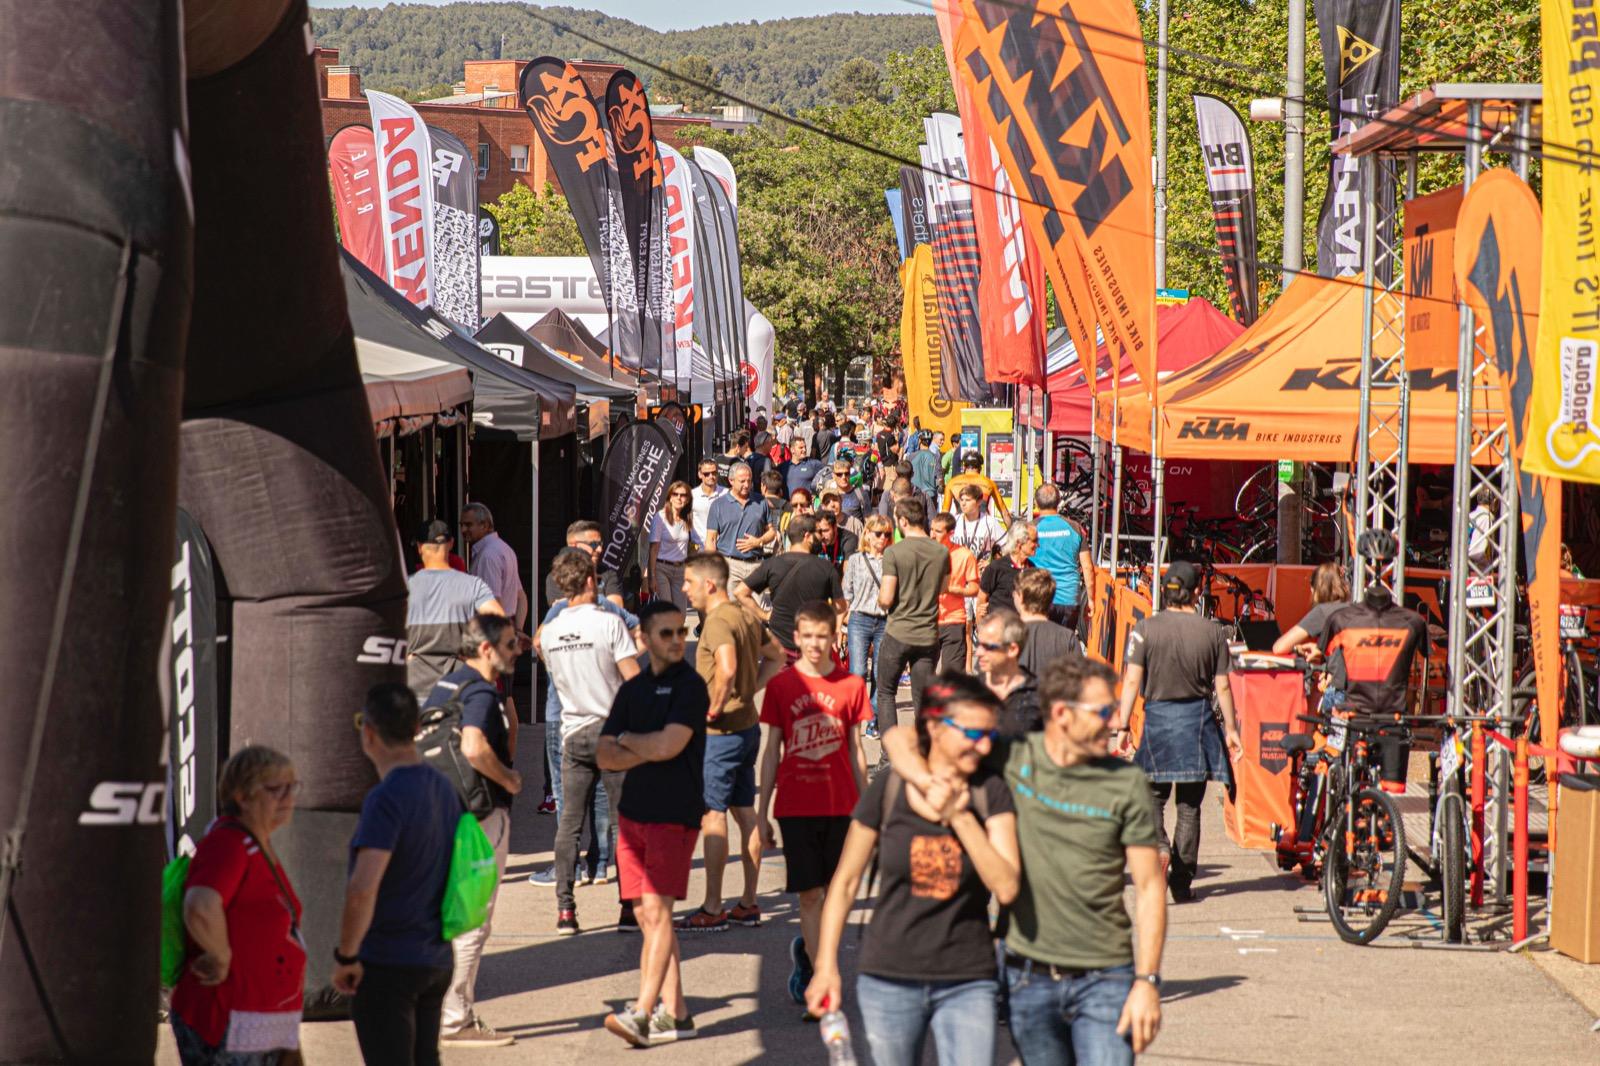 El festival Sea Otter Europe abre sus puertas con cerca de 400 marcas y superará los 6.000 ciclistas inscritos en las diferentes pruebas